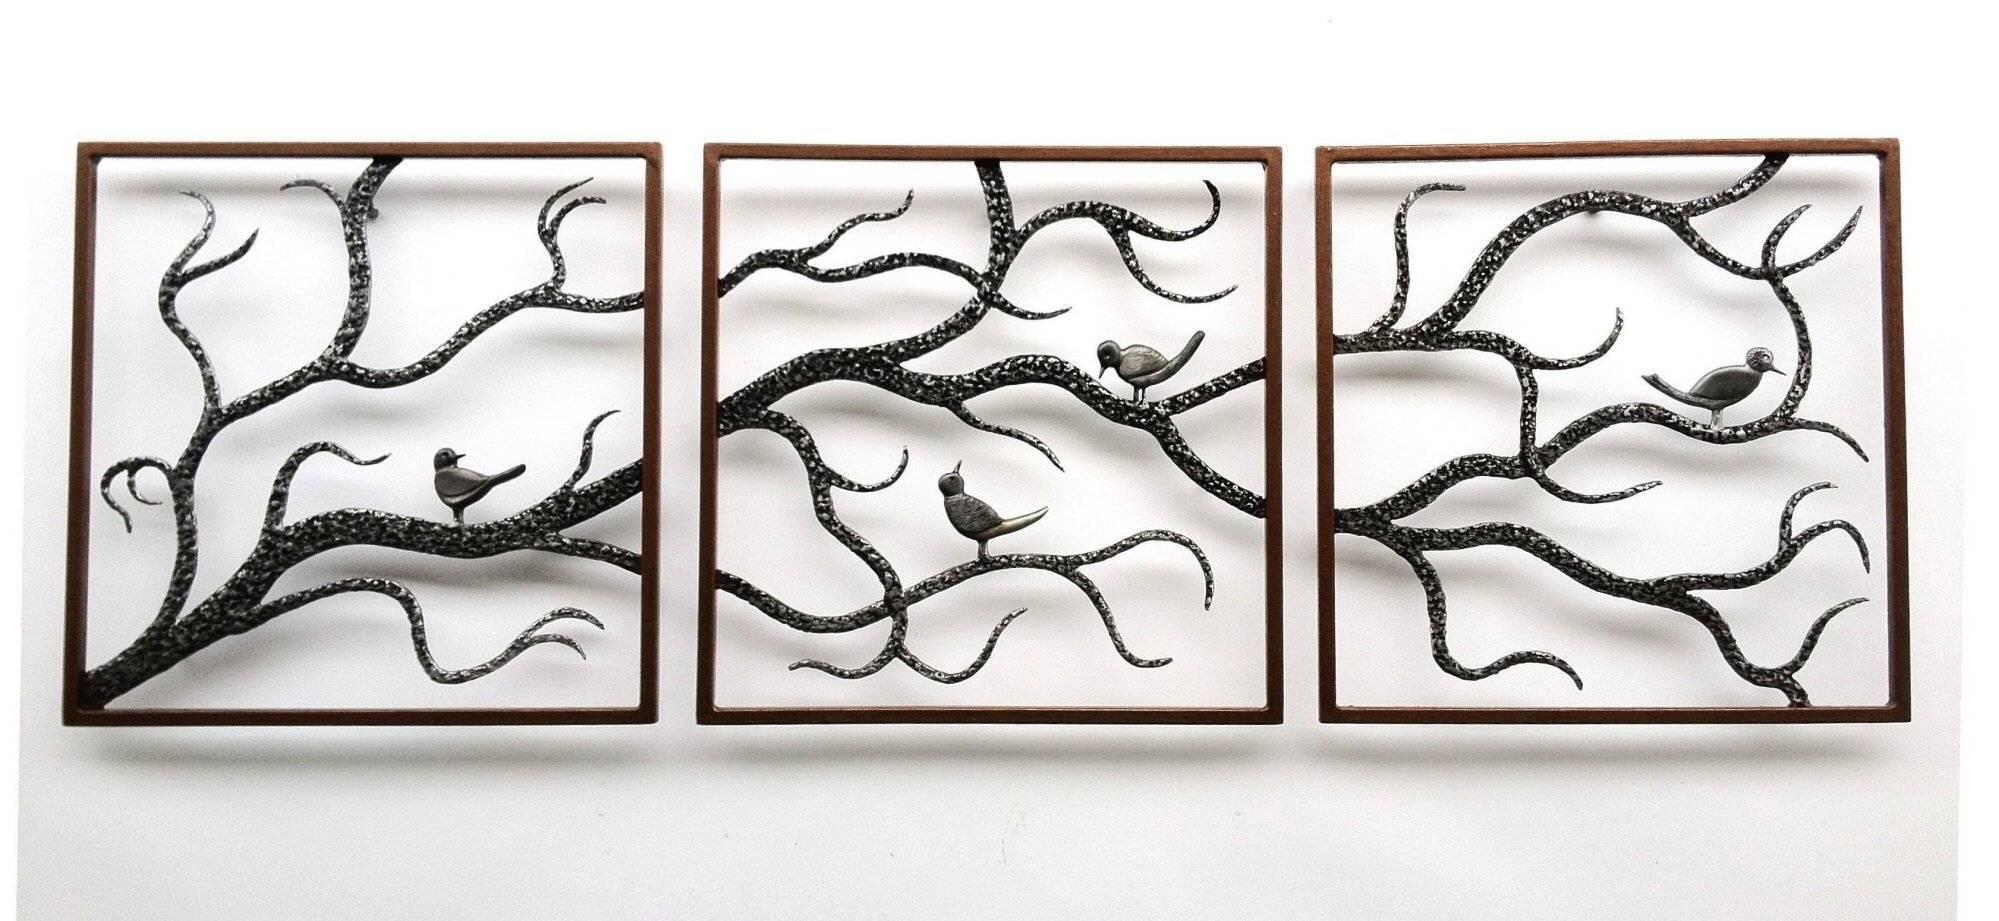 Wall Art Designs: Metal Wall Art Trees Birch Three Framed Cute Regarding Most Current Bird Metal Wall Art (View 15 of 20)